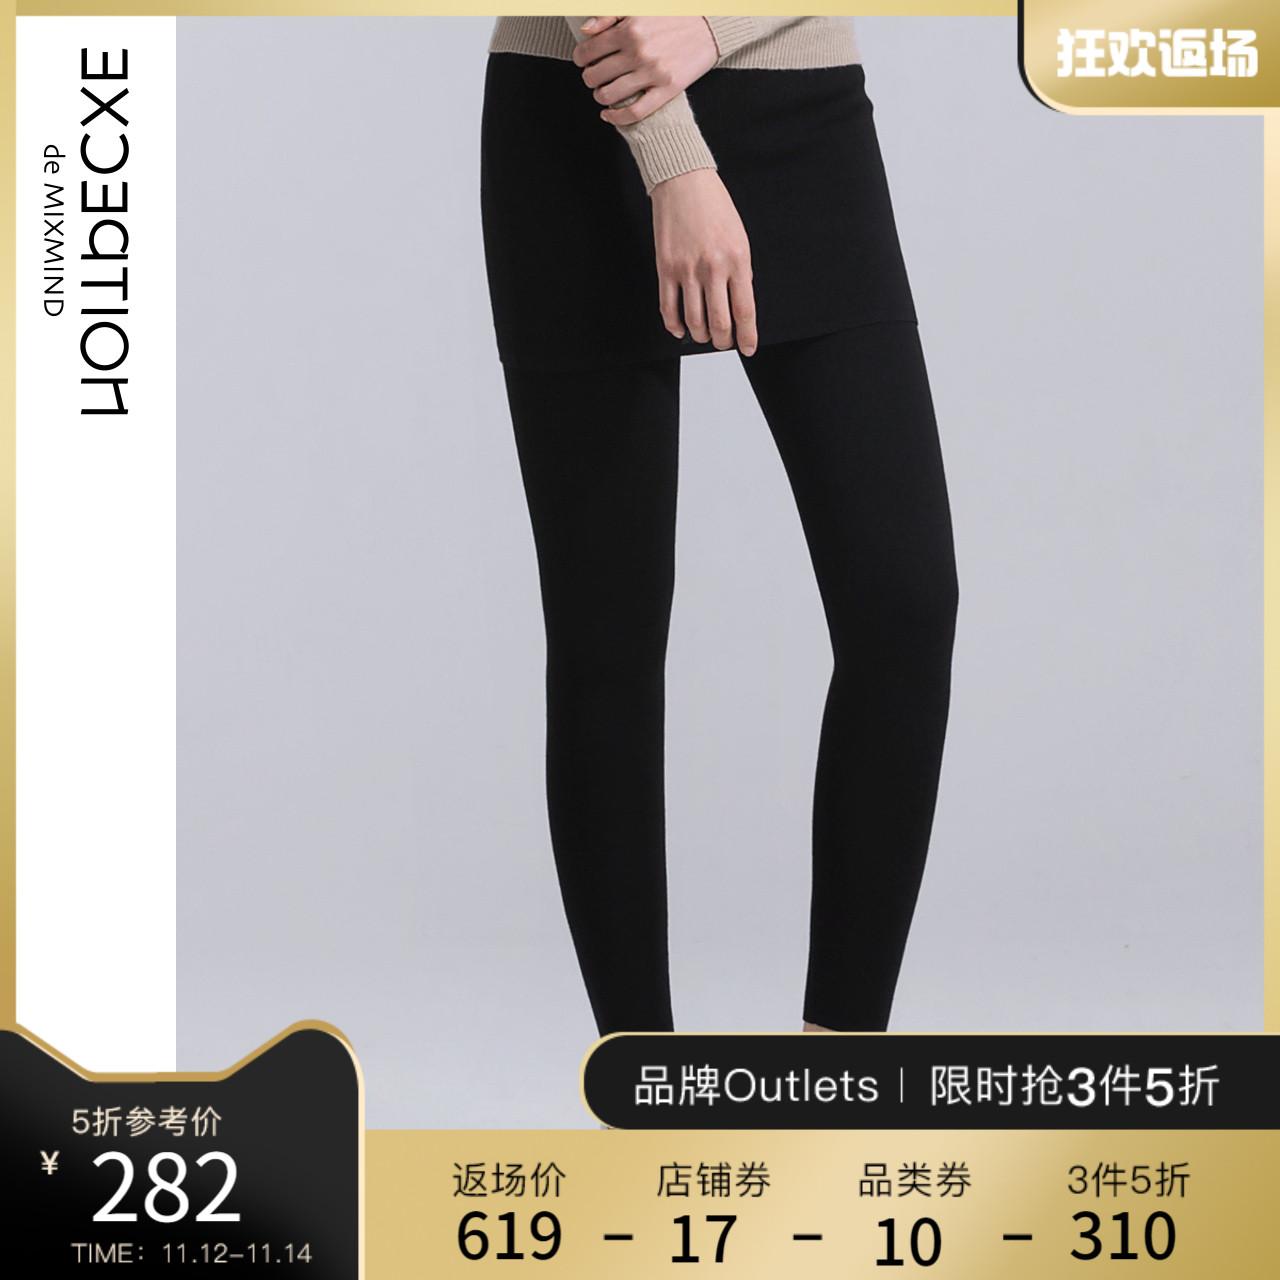 EXCEPTION例外 原创设计半裙式休闲裤子纯色简约舒适保暖打底裤